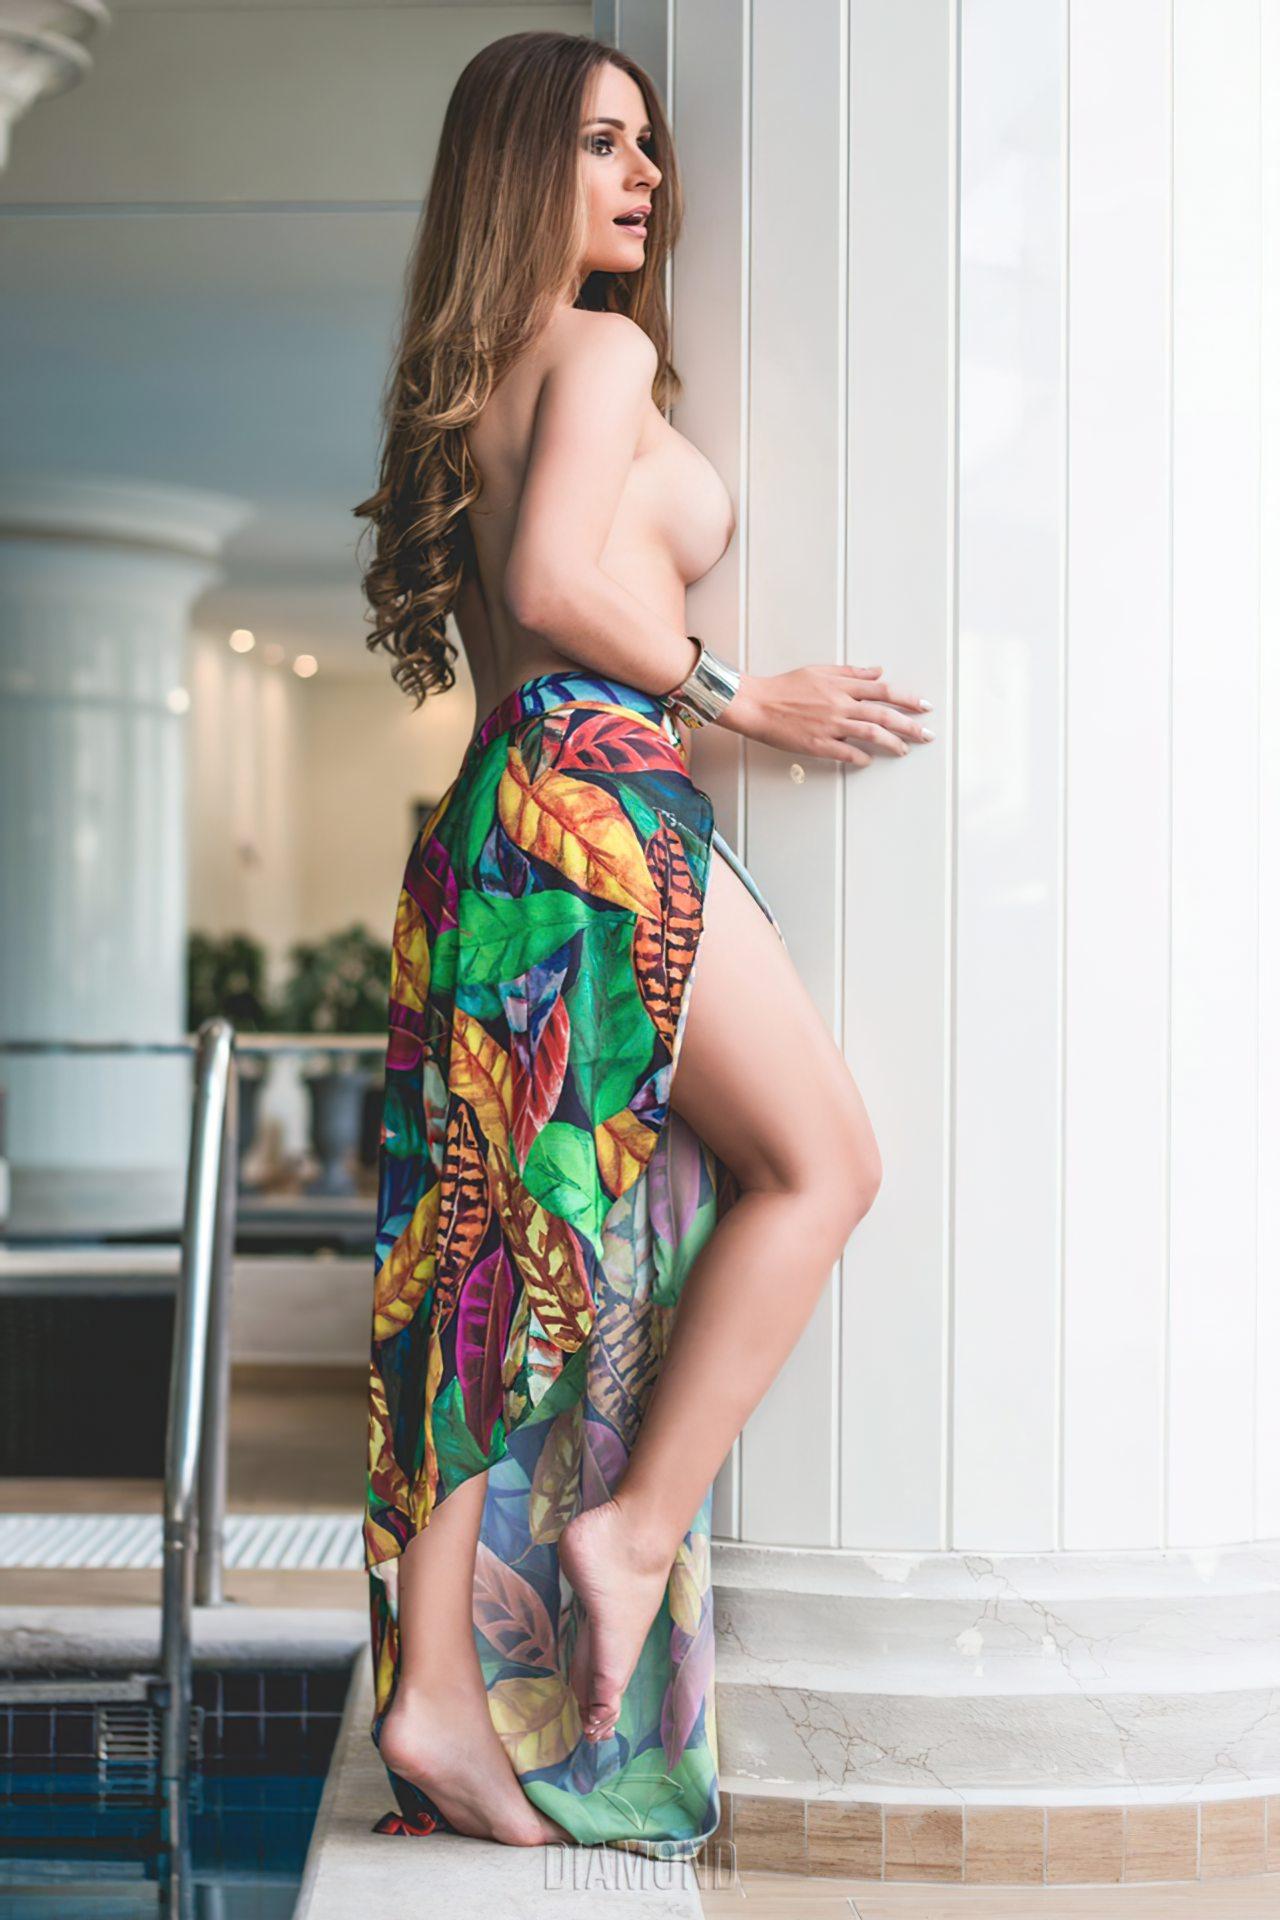 Jéssica Weiss Nua (1)